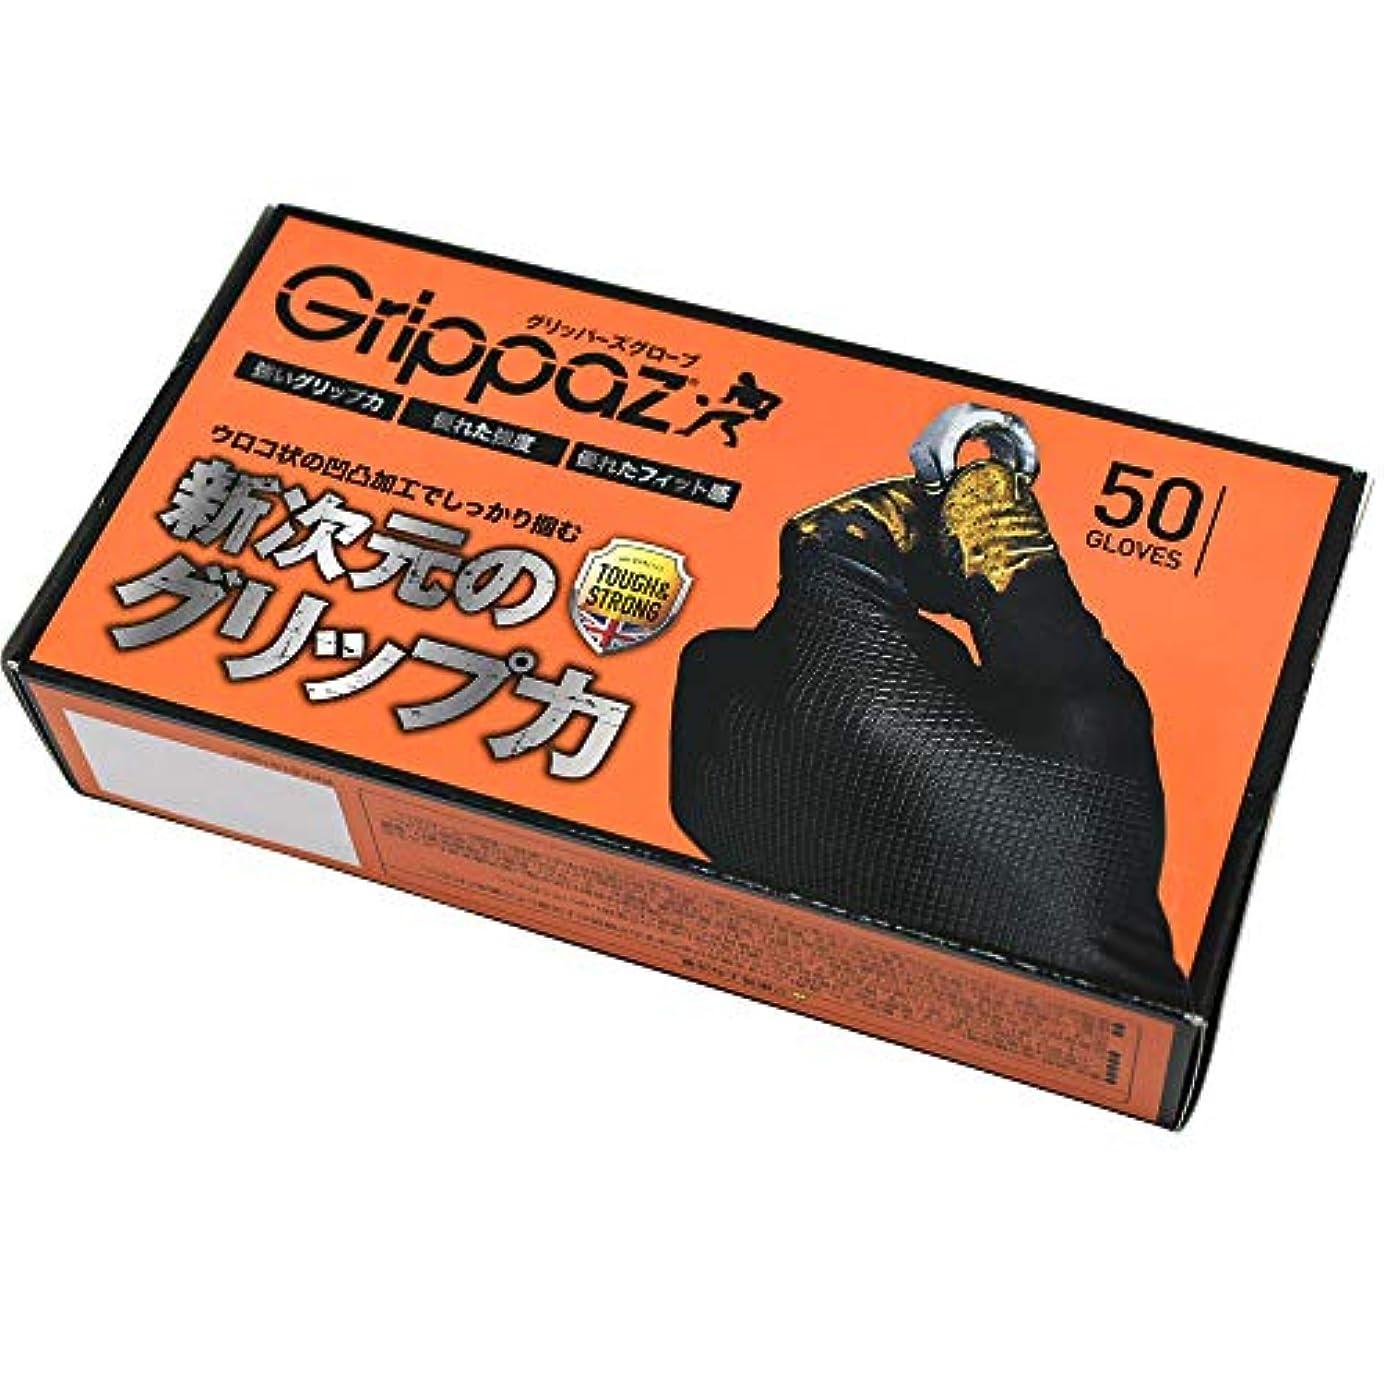 予想外変成器記念碑的な原田産業 ニトリル手袋 グリッパーズグローブ 50枚入 Mサイズ パウダーフリー 左右兼用 自動車整備 メンテナンス